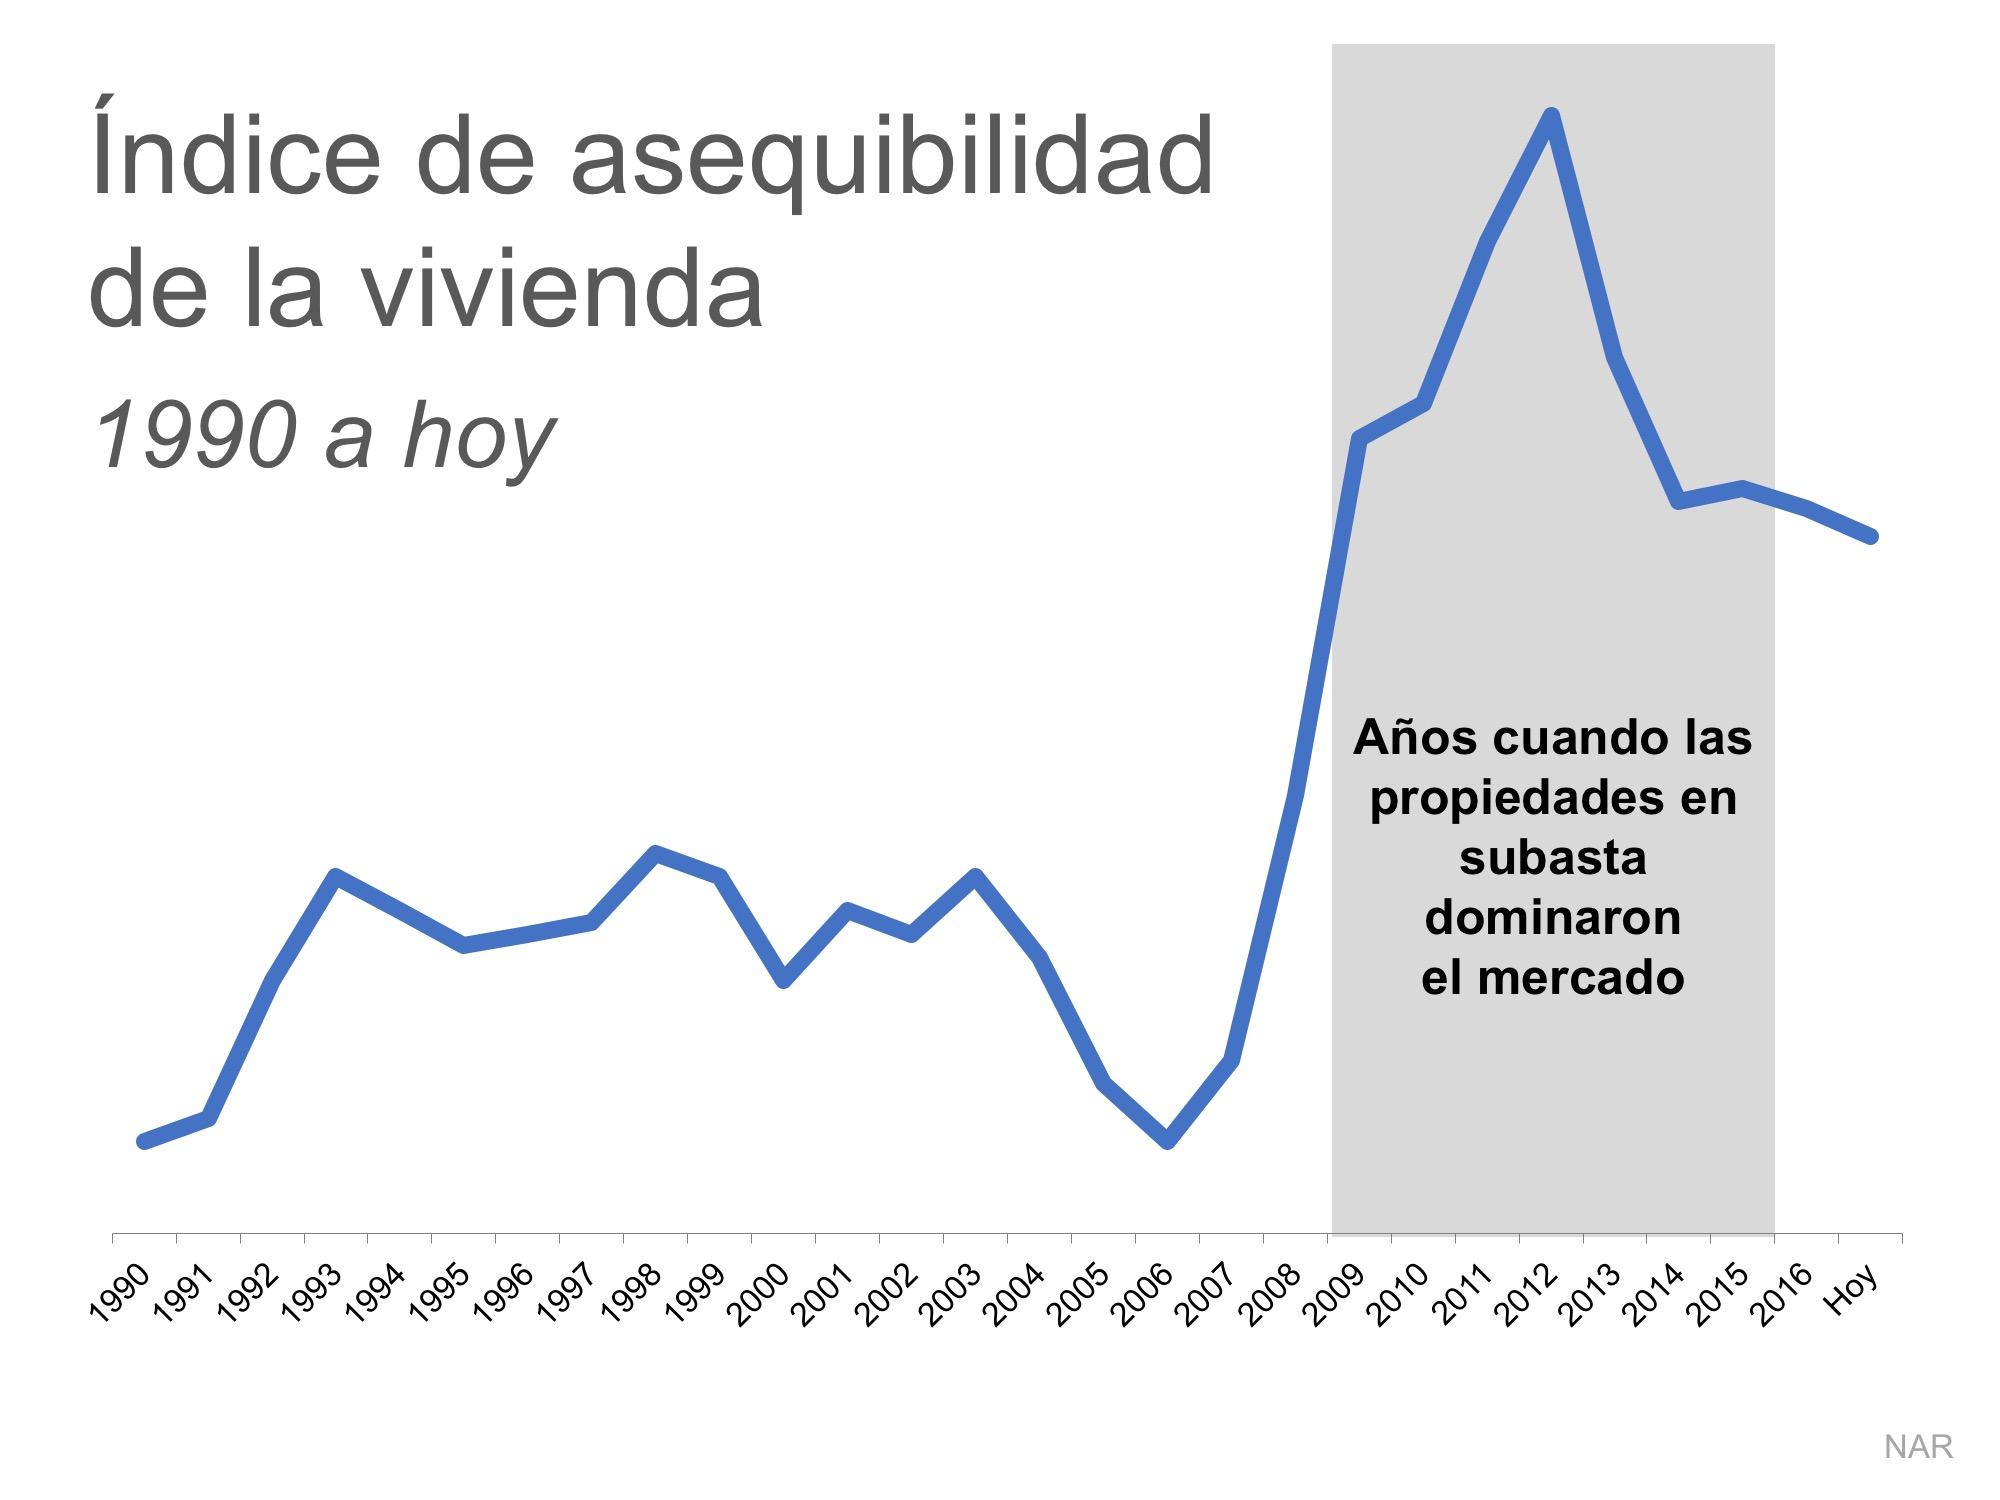 2 gráficas que muestran la verdad sobre la asequibilidad de la vivienda | Simplifying The Market